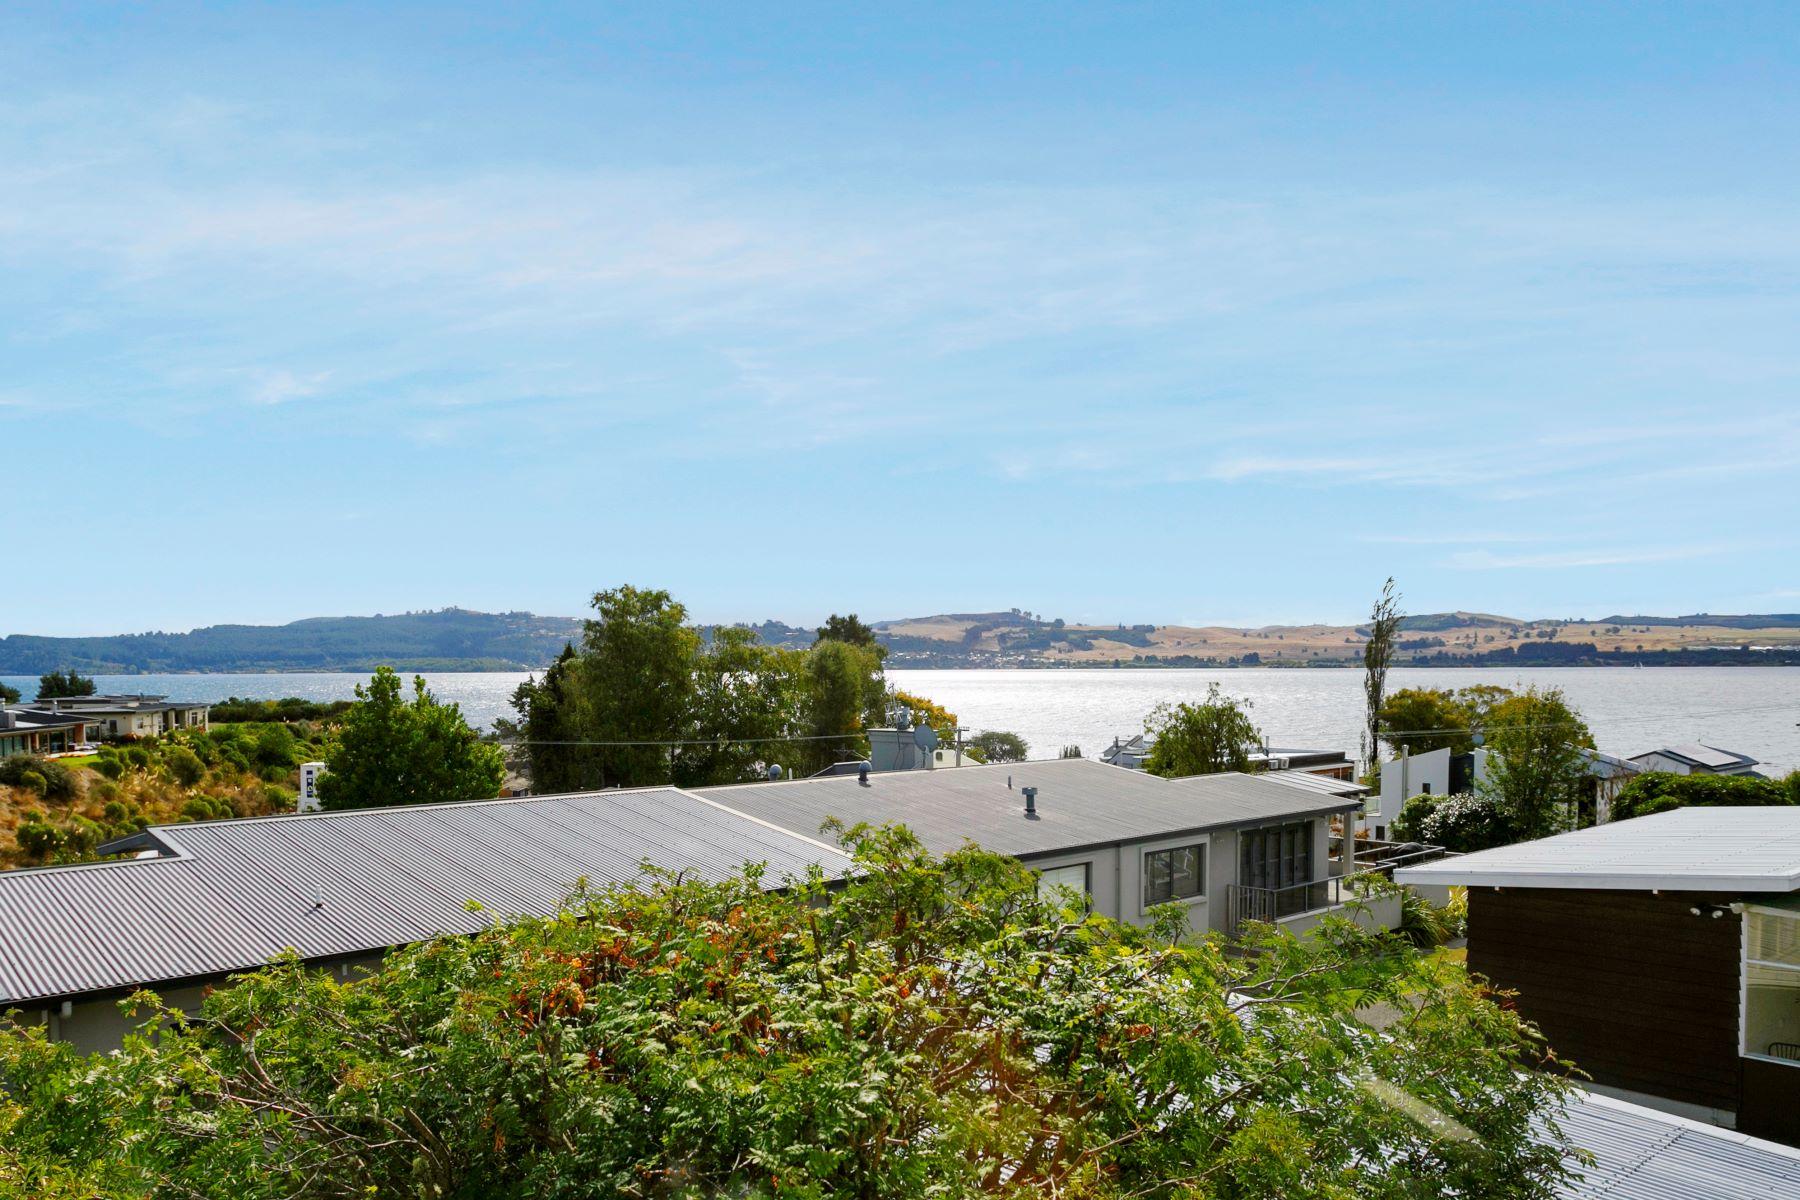 Single Family Homes for Sale at 79 Rainbow Drive, Rainbow Point, Taupo Taupo, Waikato New Zealand